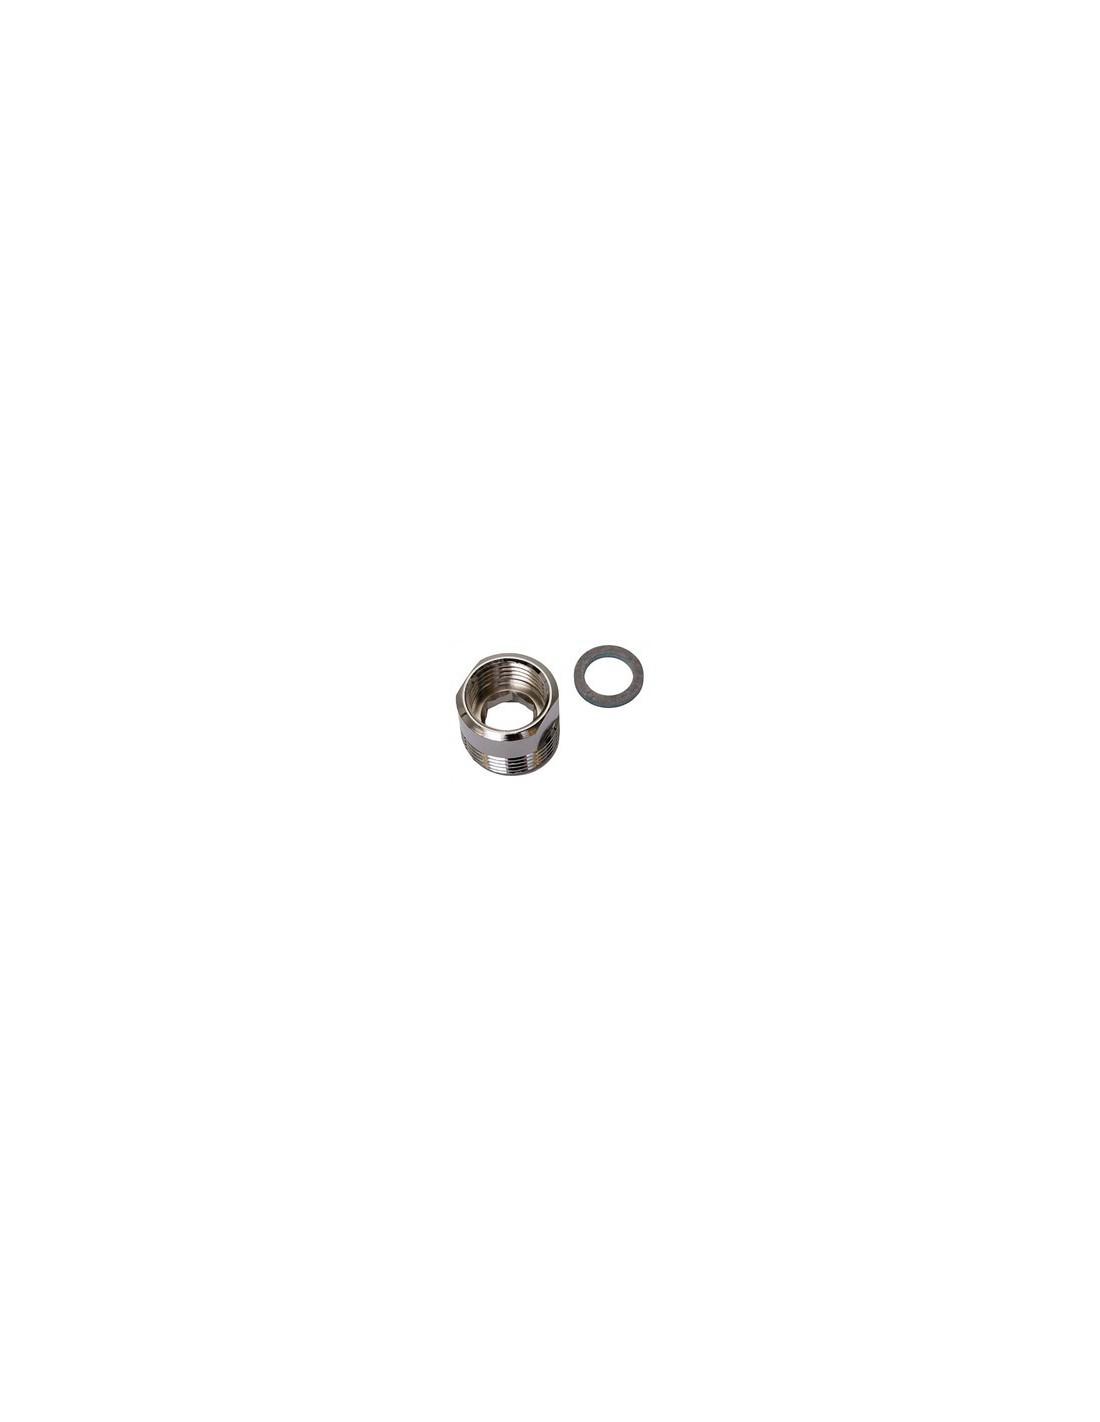 UPP00098 - Blindplugg till rengöringsadapter